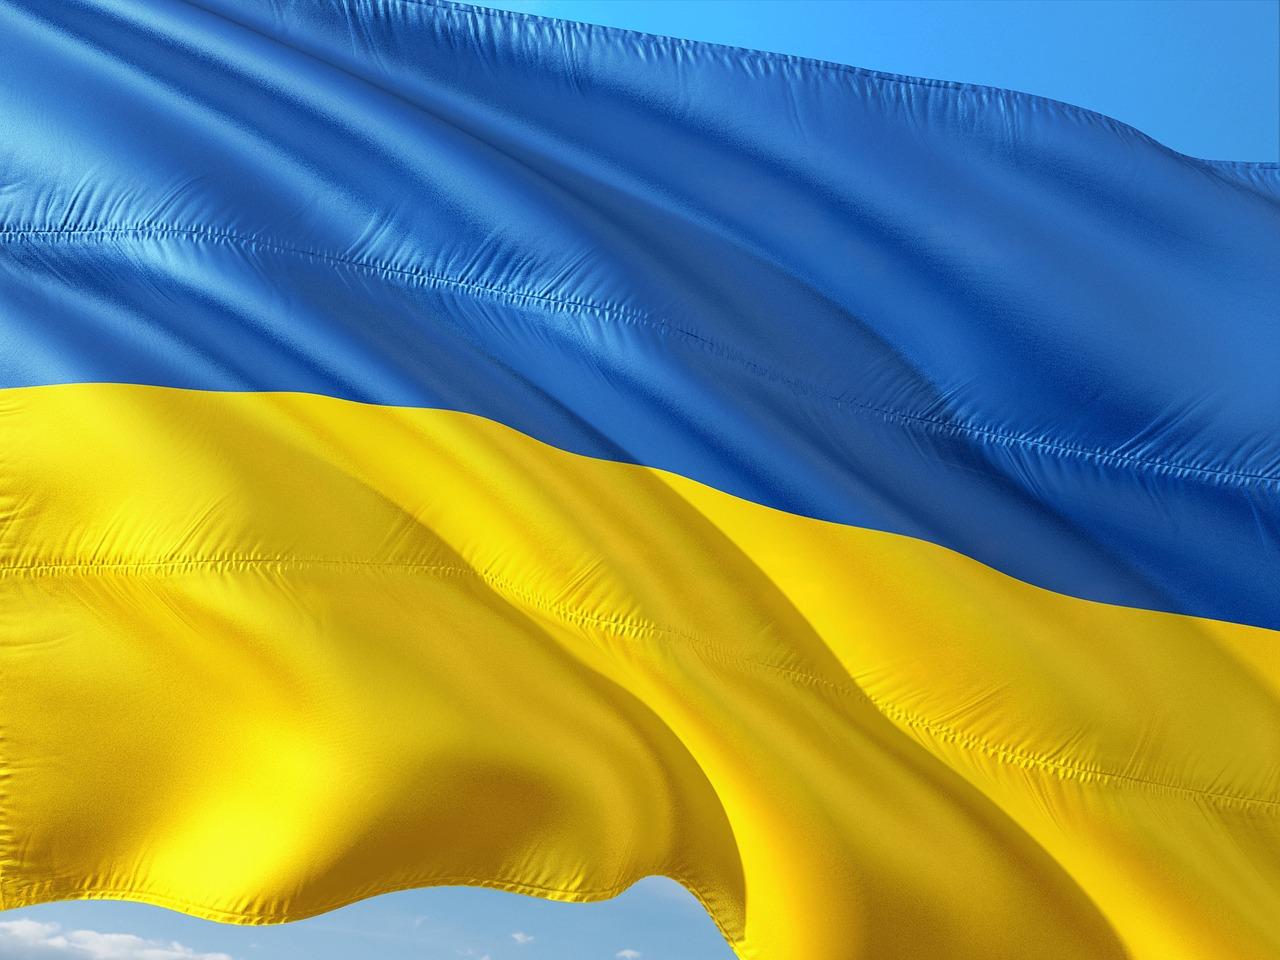 Эксперт заявил о проблеме «катастрофического масштаба» на Украине